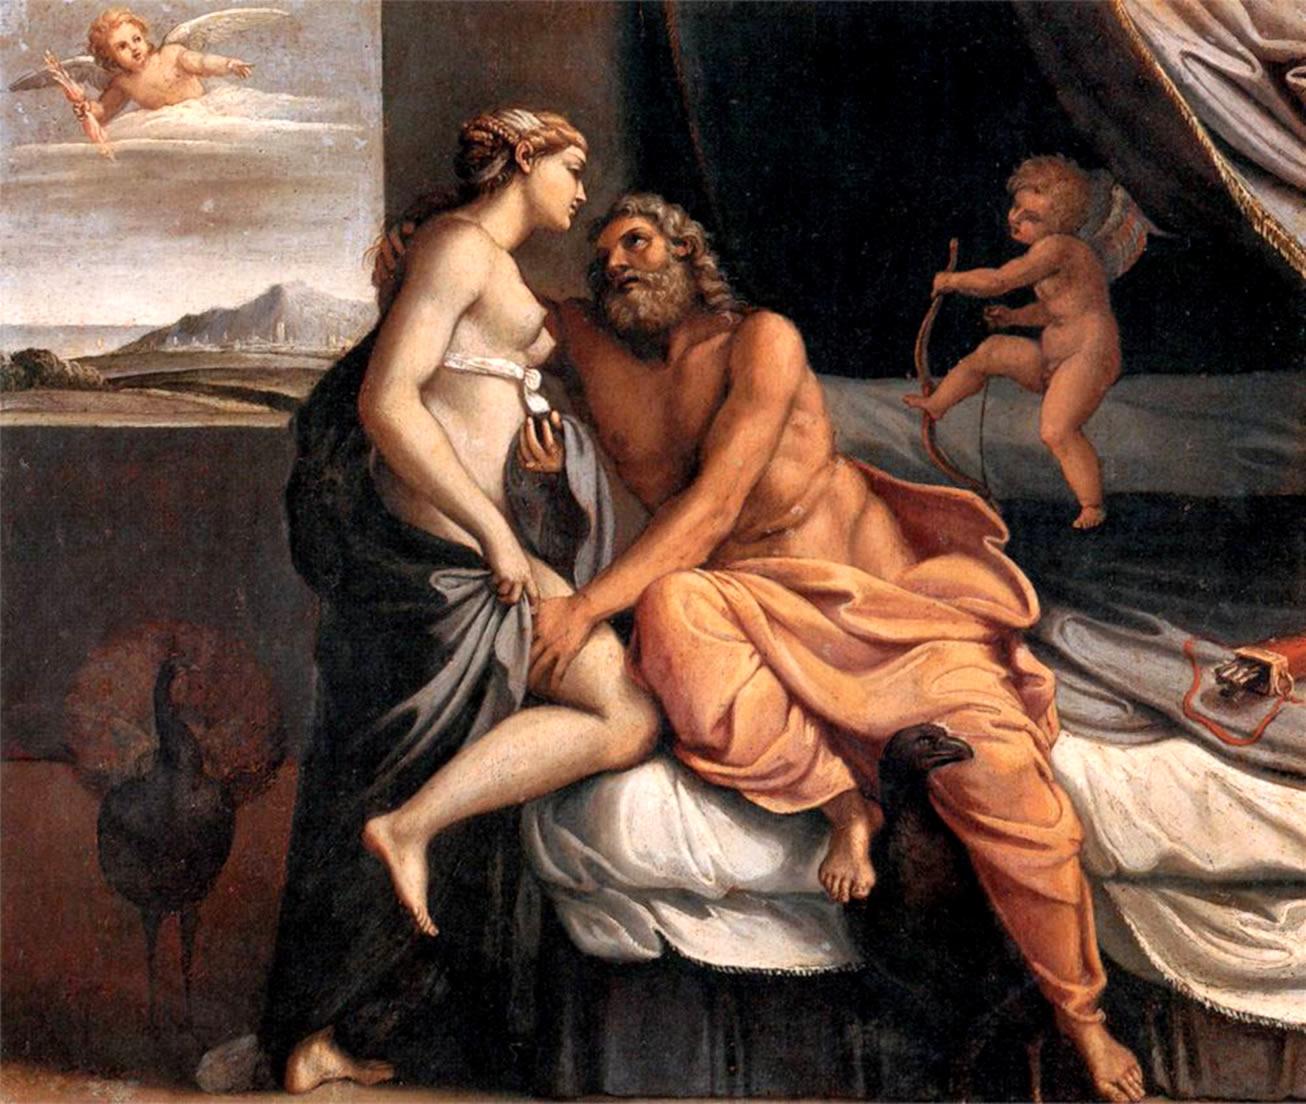 Zeus se metamorfoseó en el cuerpo de Anfitrión e intimó con la reina Alcmena, de cuya unión nació Heracles y desató el escándalo con Hera.